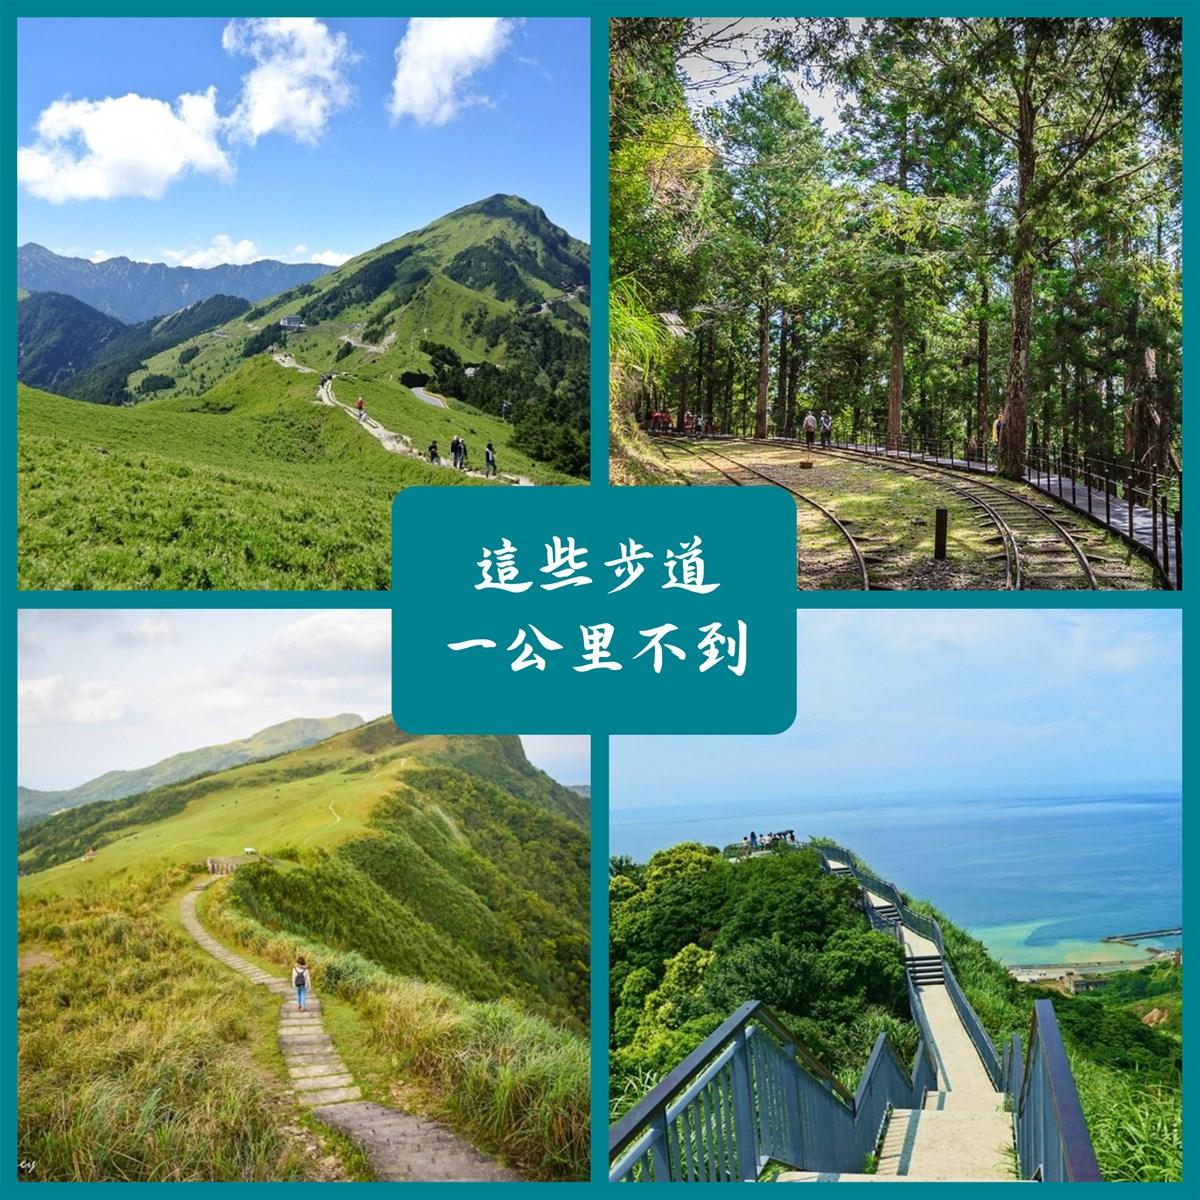 這些步道一公里不到!全台輕鬆走步道,不用揮汗如雨也能賞美景!